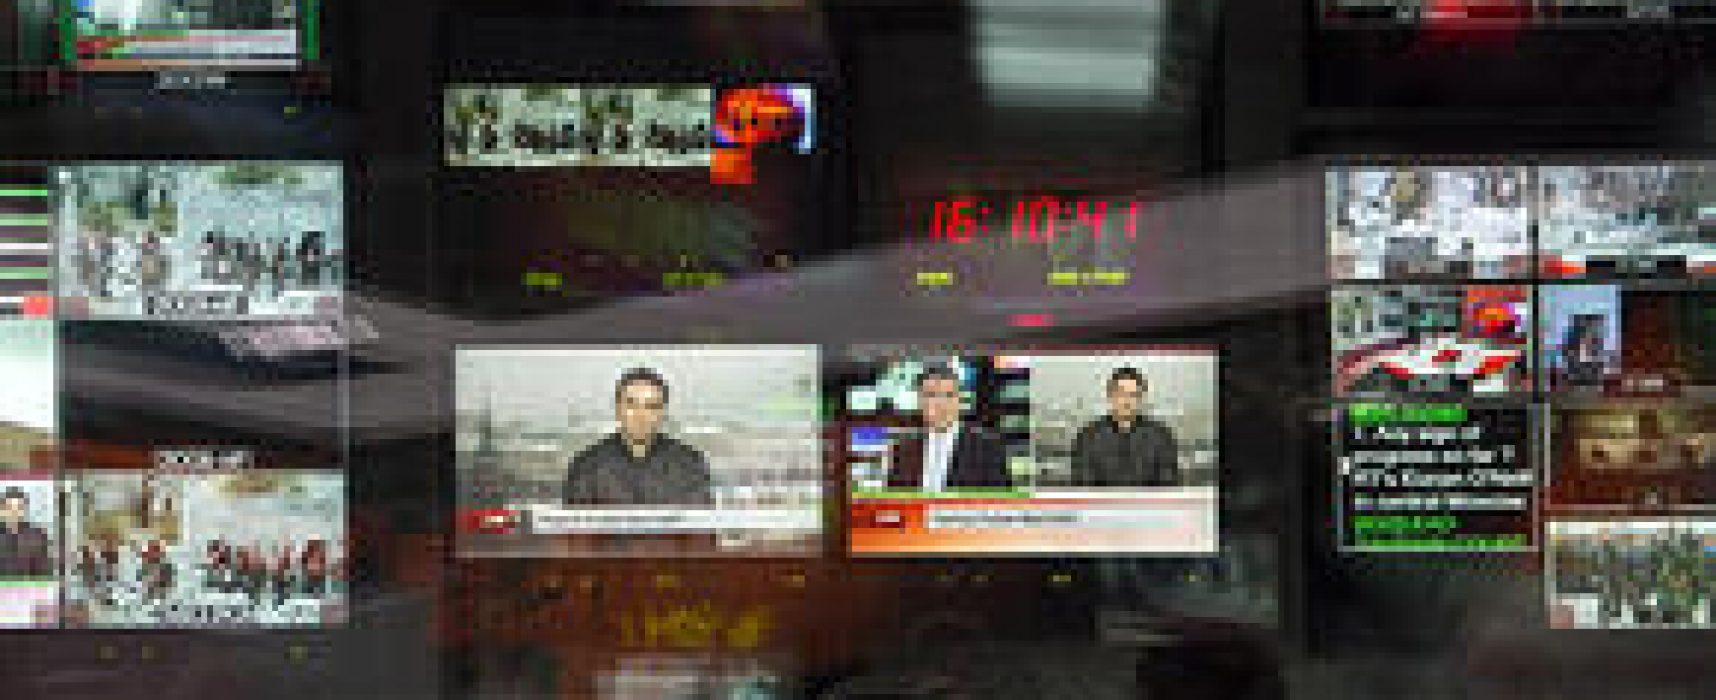 Пропагандистский телеканал RT решил побороться с «фейковыми новостями»